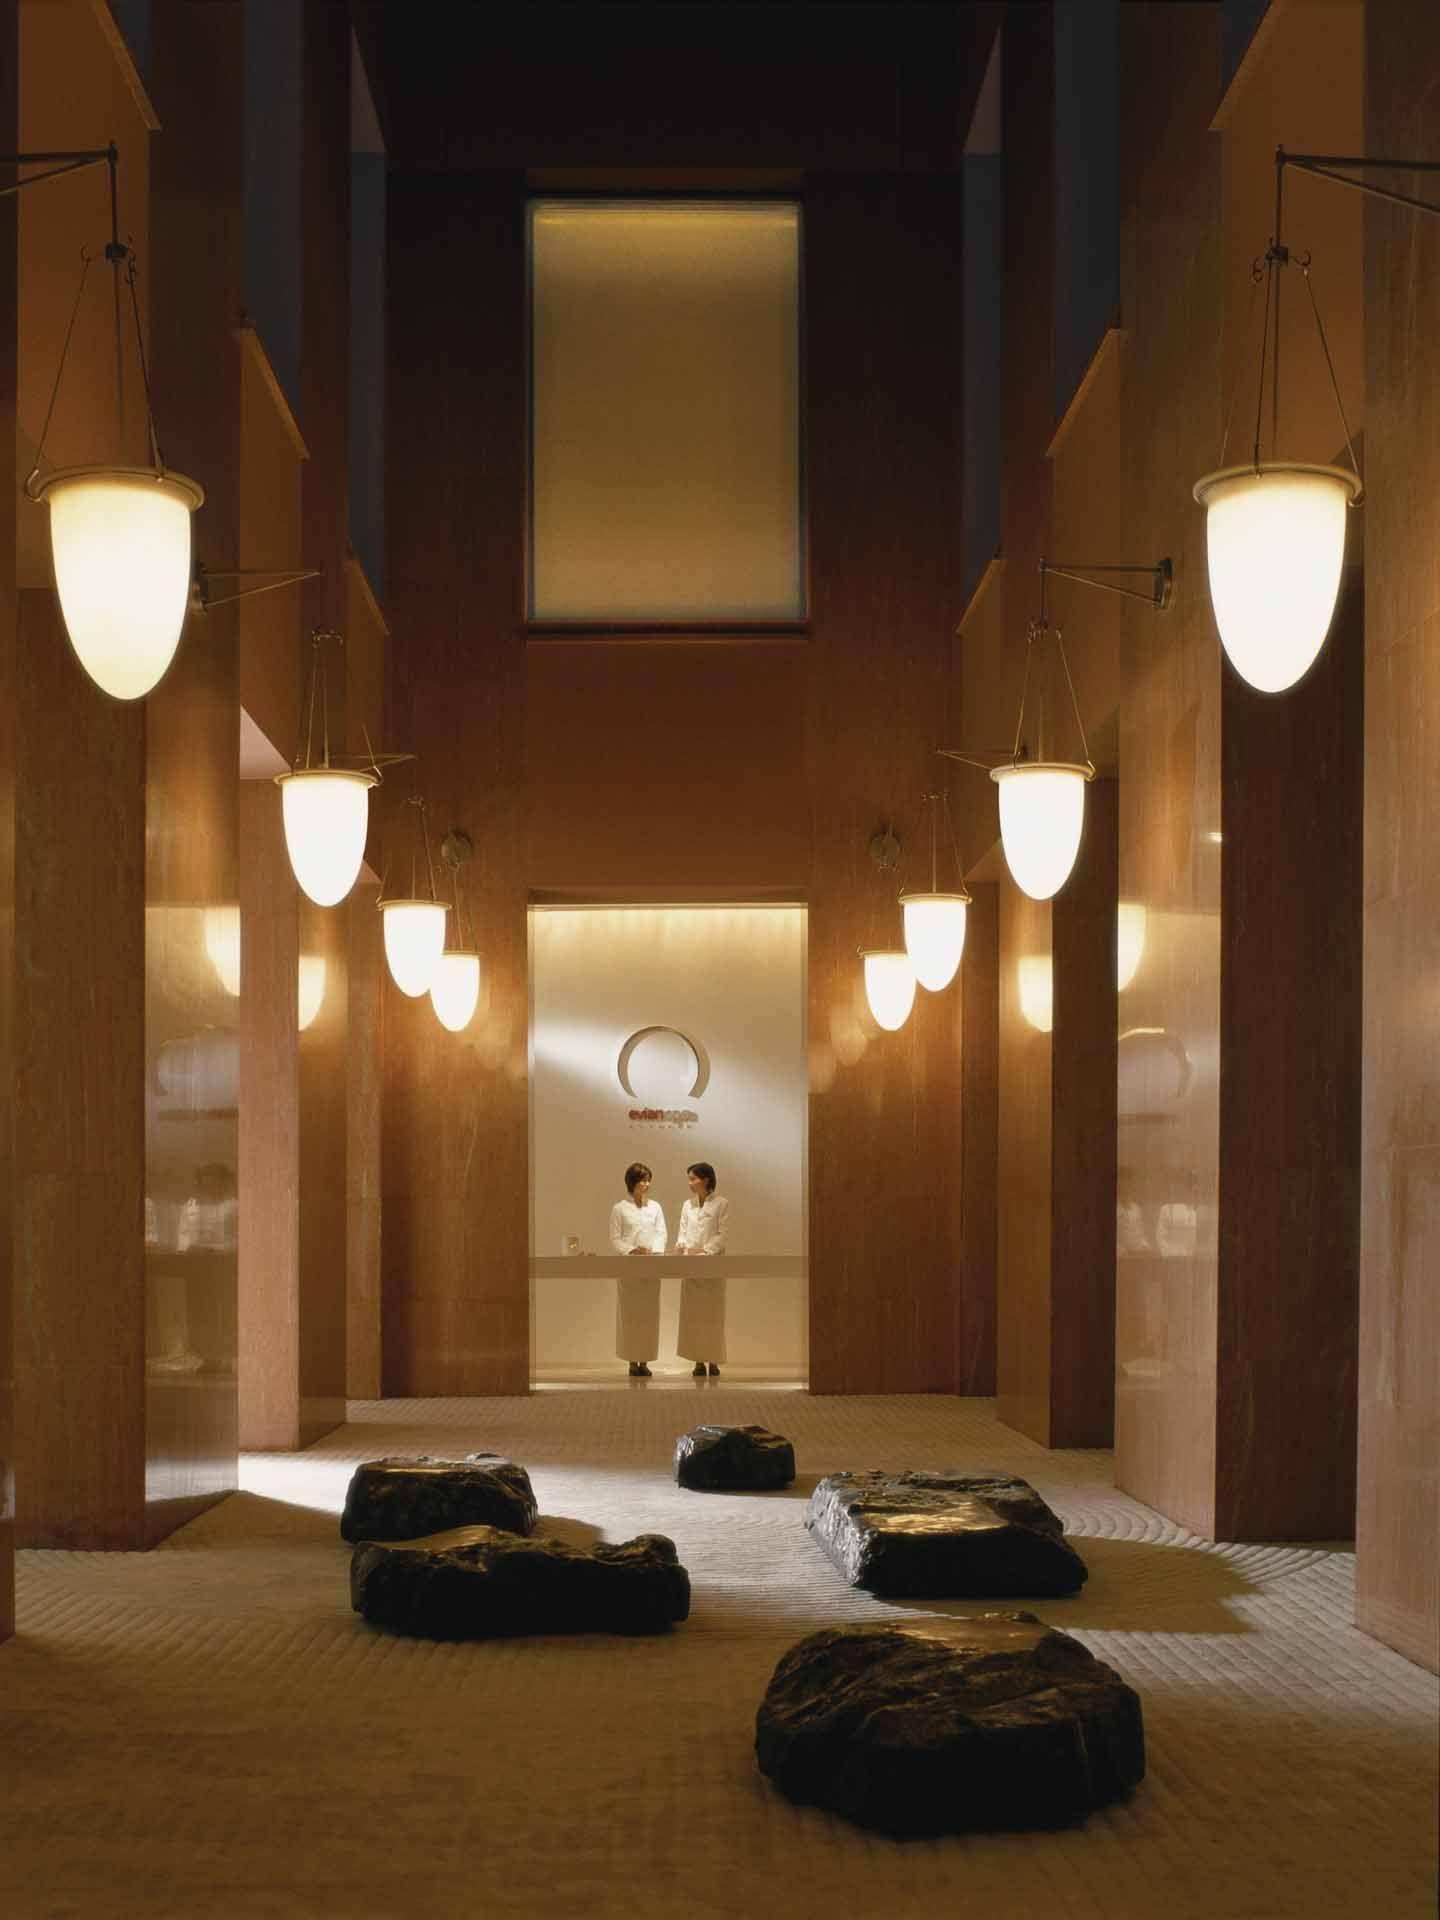 Evian Spa Shanghai